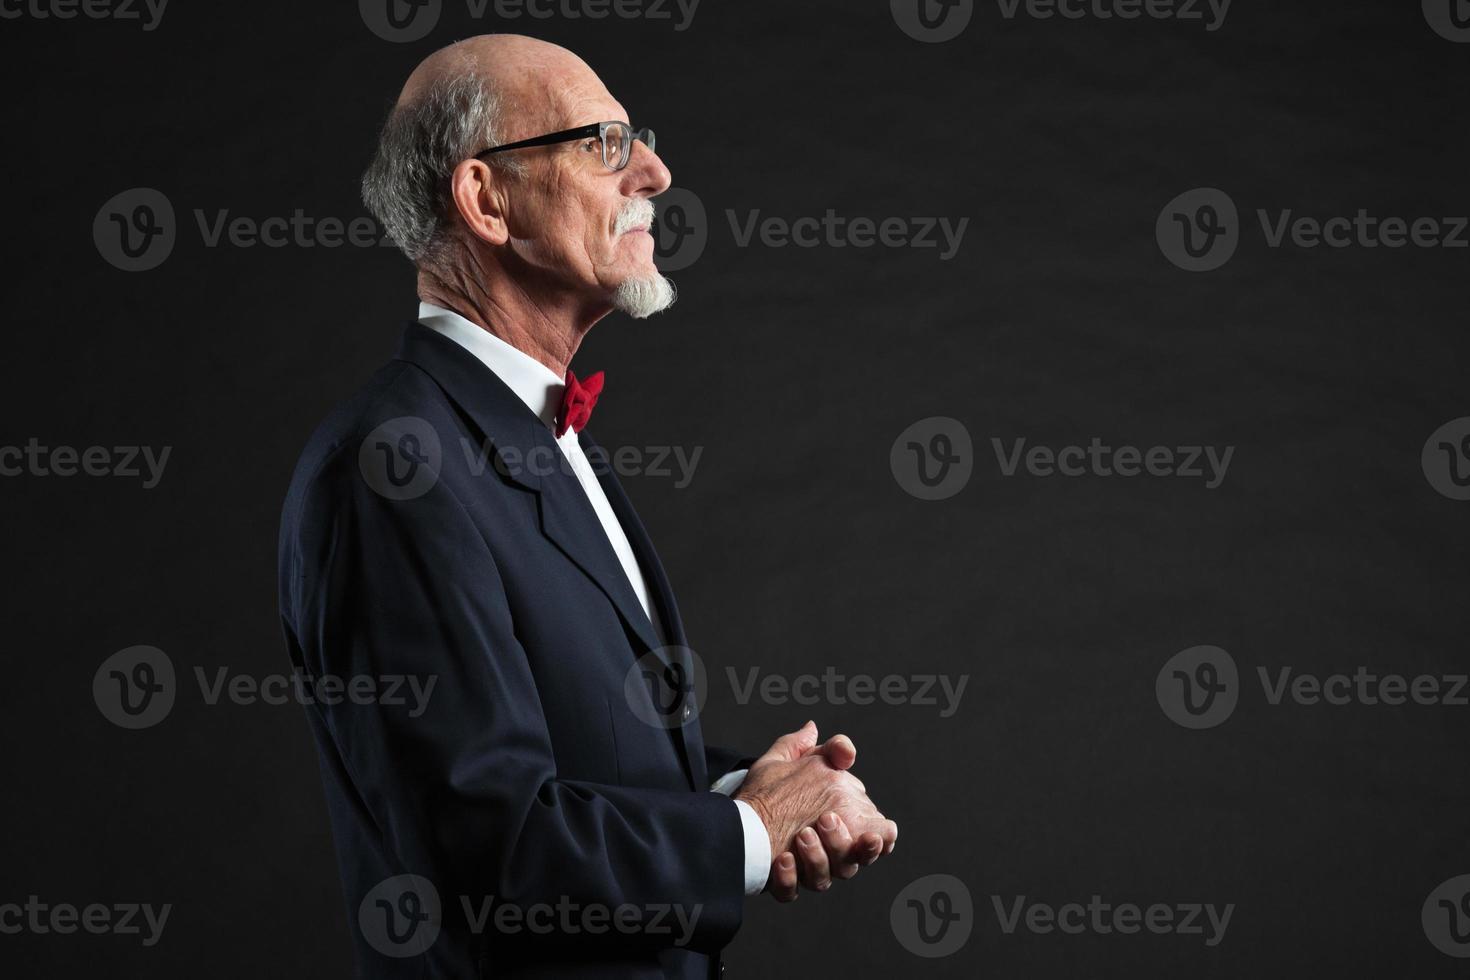 homme senior portant costume et cravate rouge. tourné en studio. photo